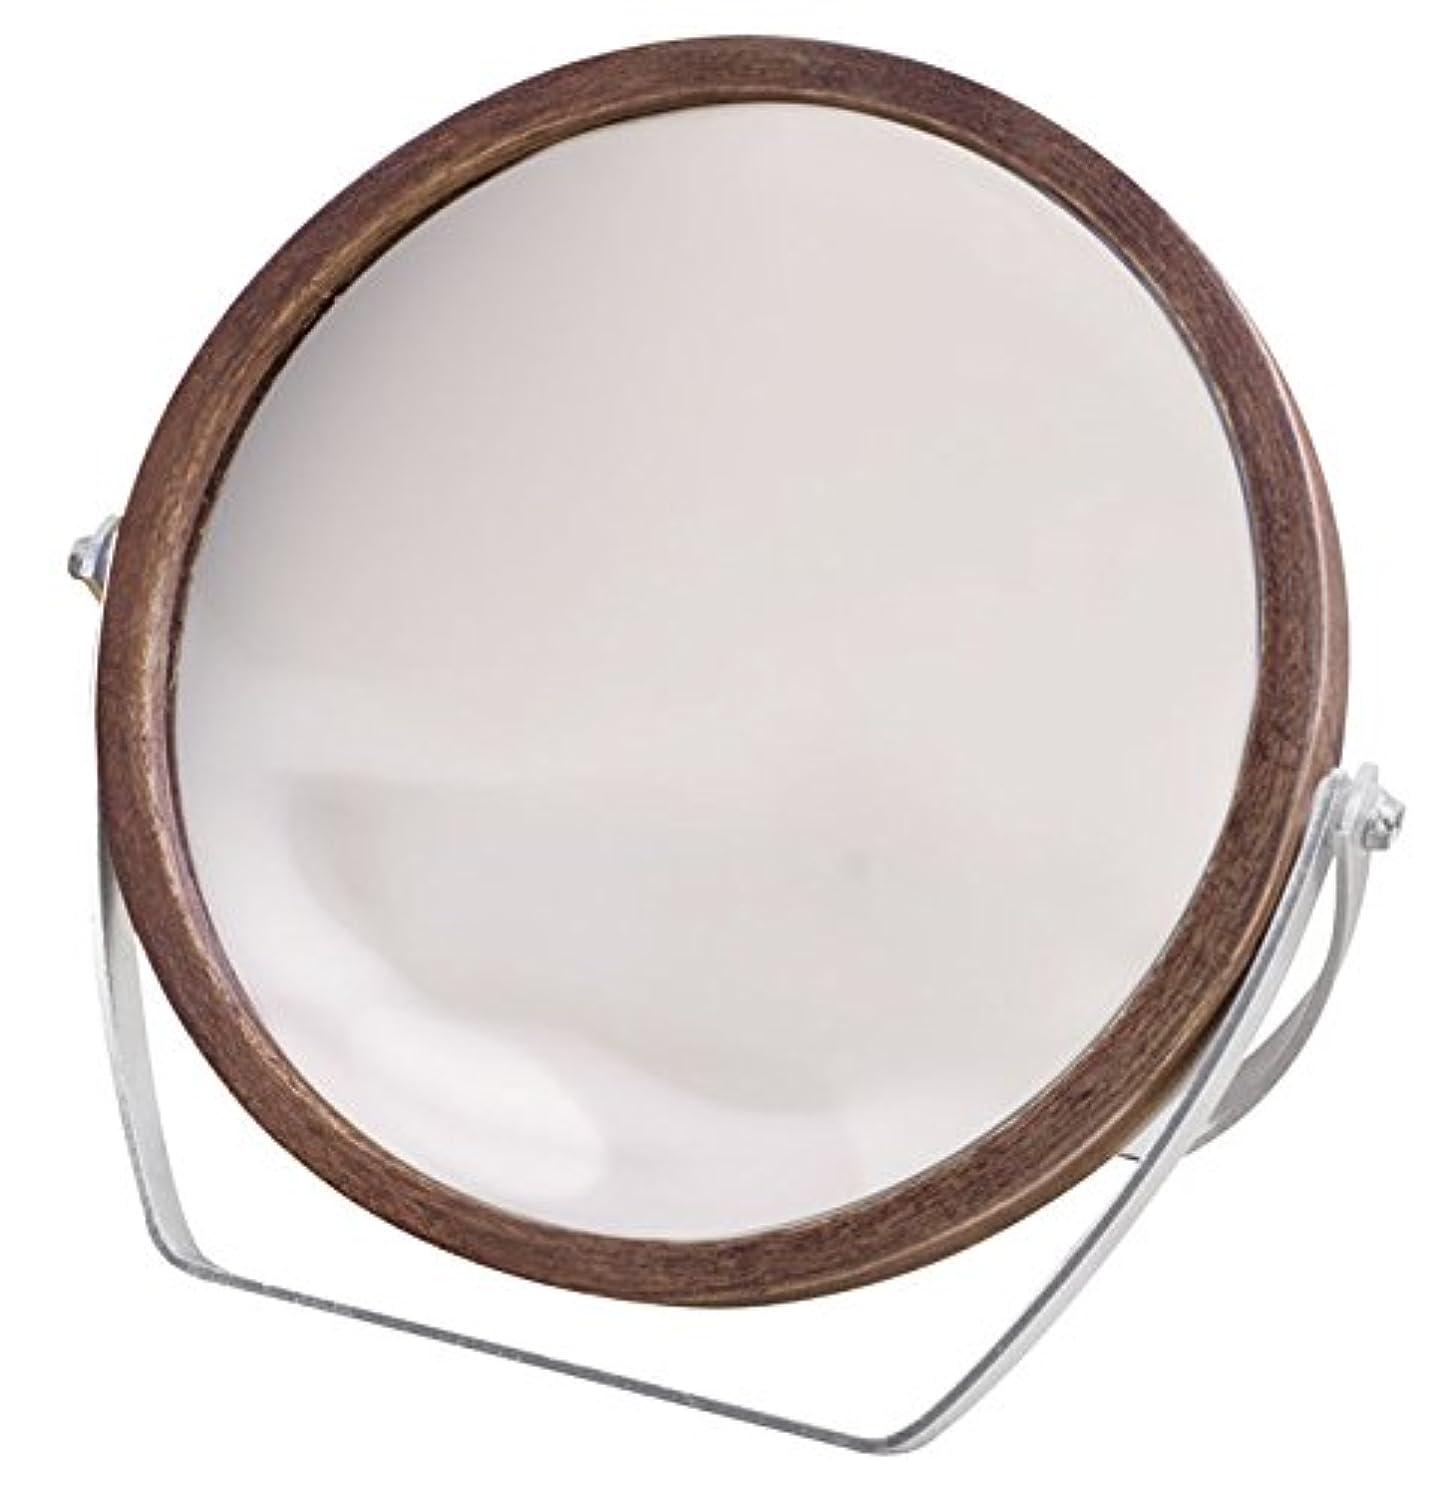 抱擁適応するペネロペウッドフレーム 2WAY 5倍拡大鏡付 両面 卓上ミラー (ロースタンドタイプ) ブラウン YWM-1